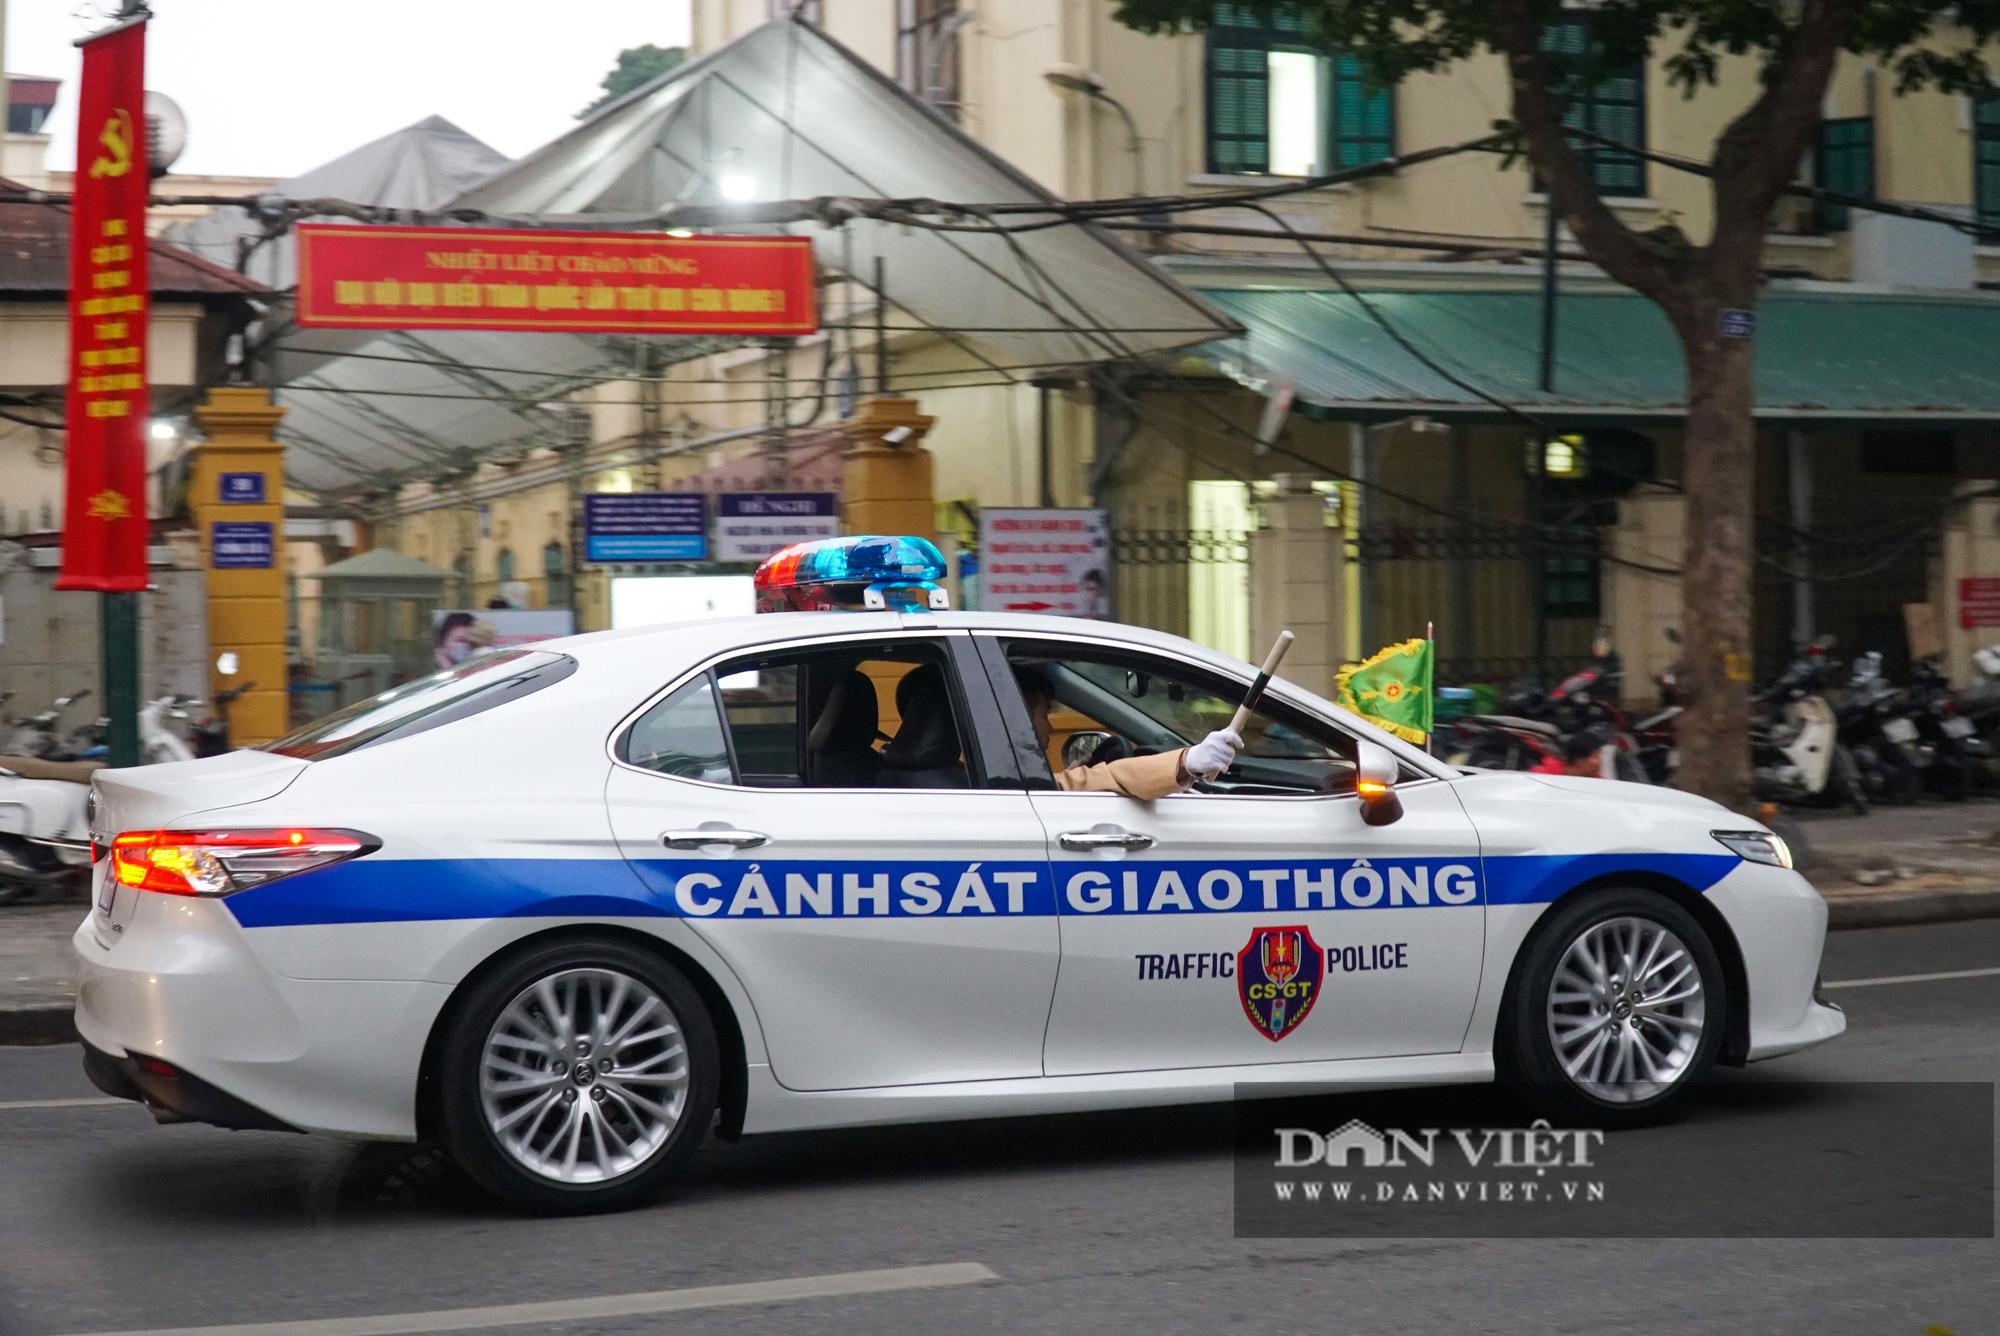 Hình ảnh đoàn xe đại biểu từ Lăng Bác về Trung tâm Hội nghị Quốc gia - Ảnh 6.